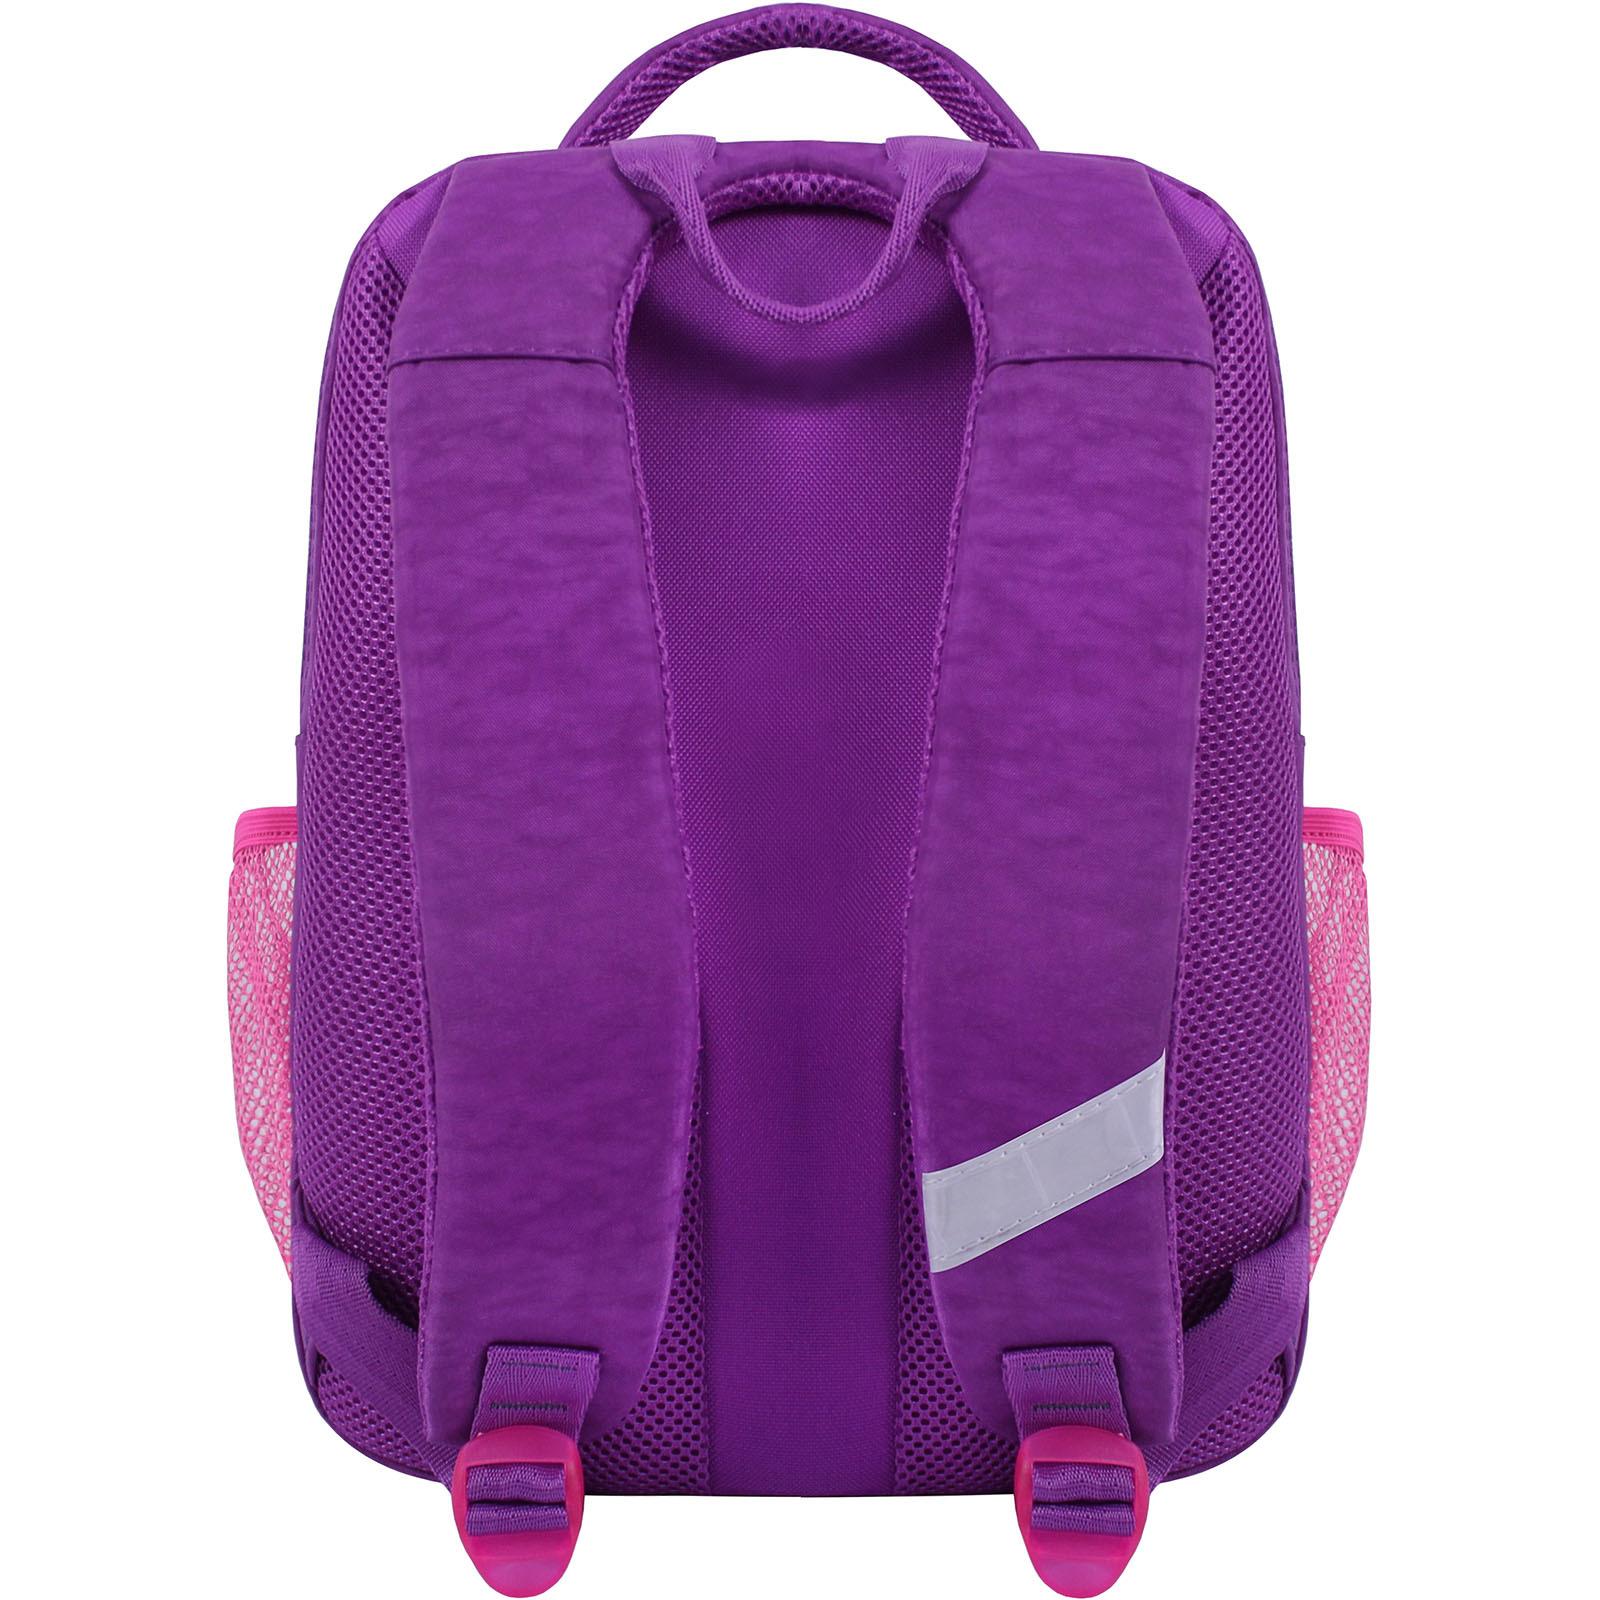 Рюкзак школьный Bagland Школьник 8 л. фиолетовый 501 (0012870) фото 3